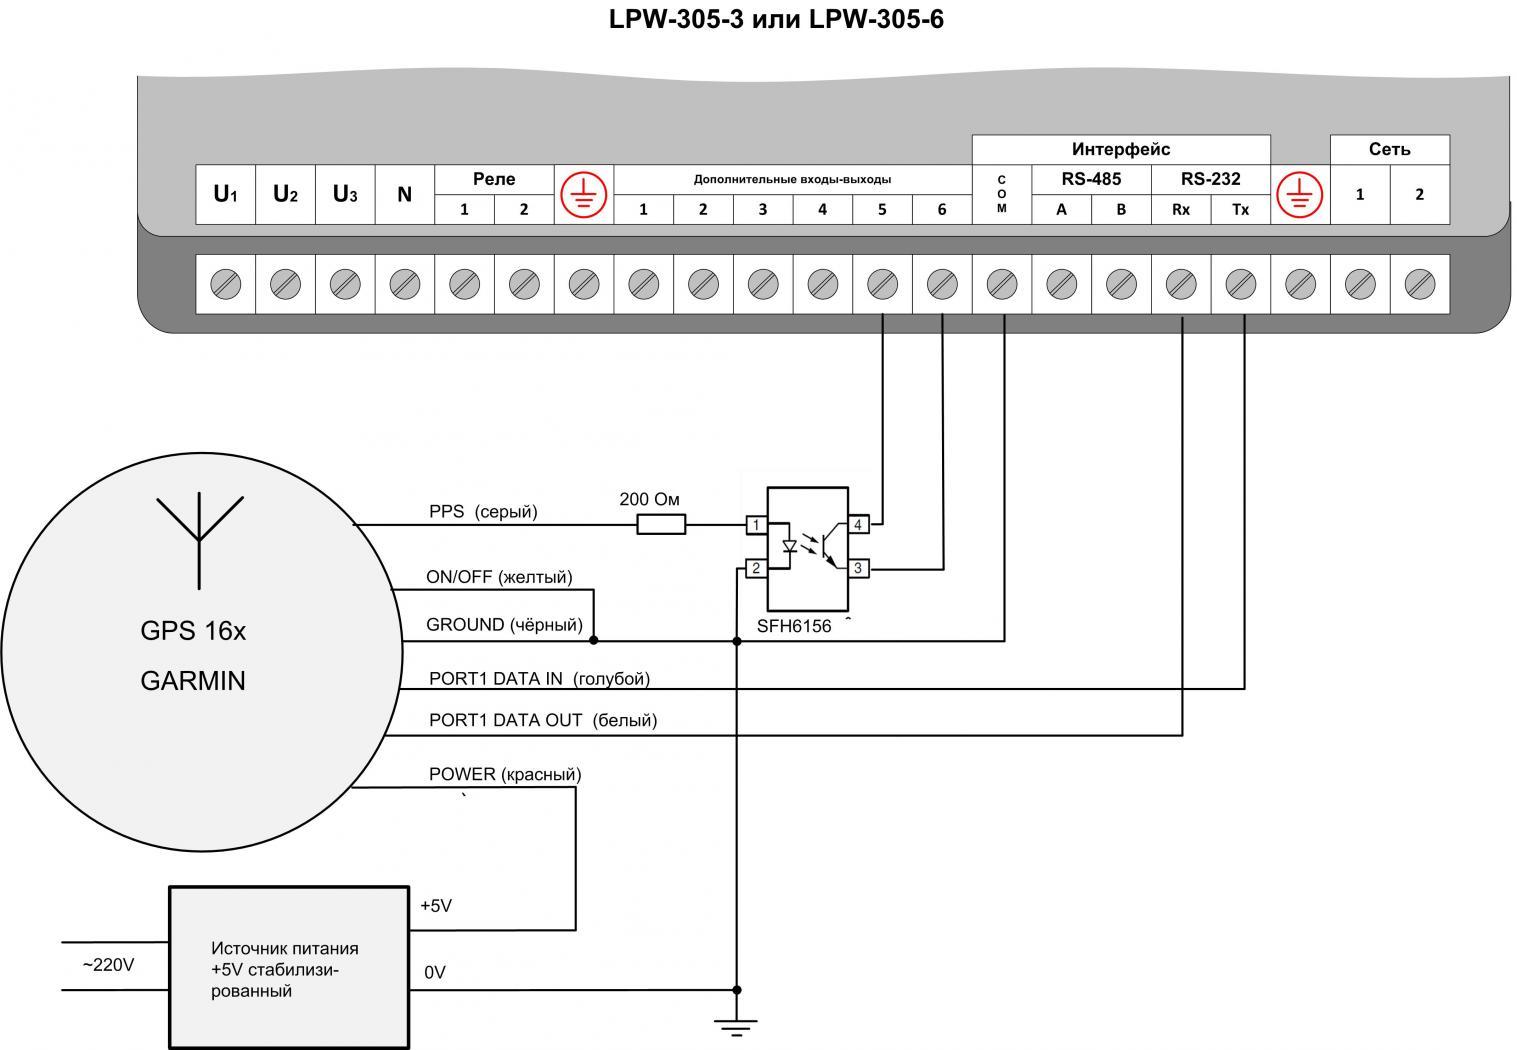 Подключение GPS к LPW-305